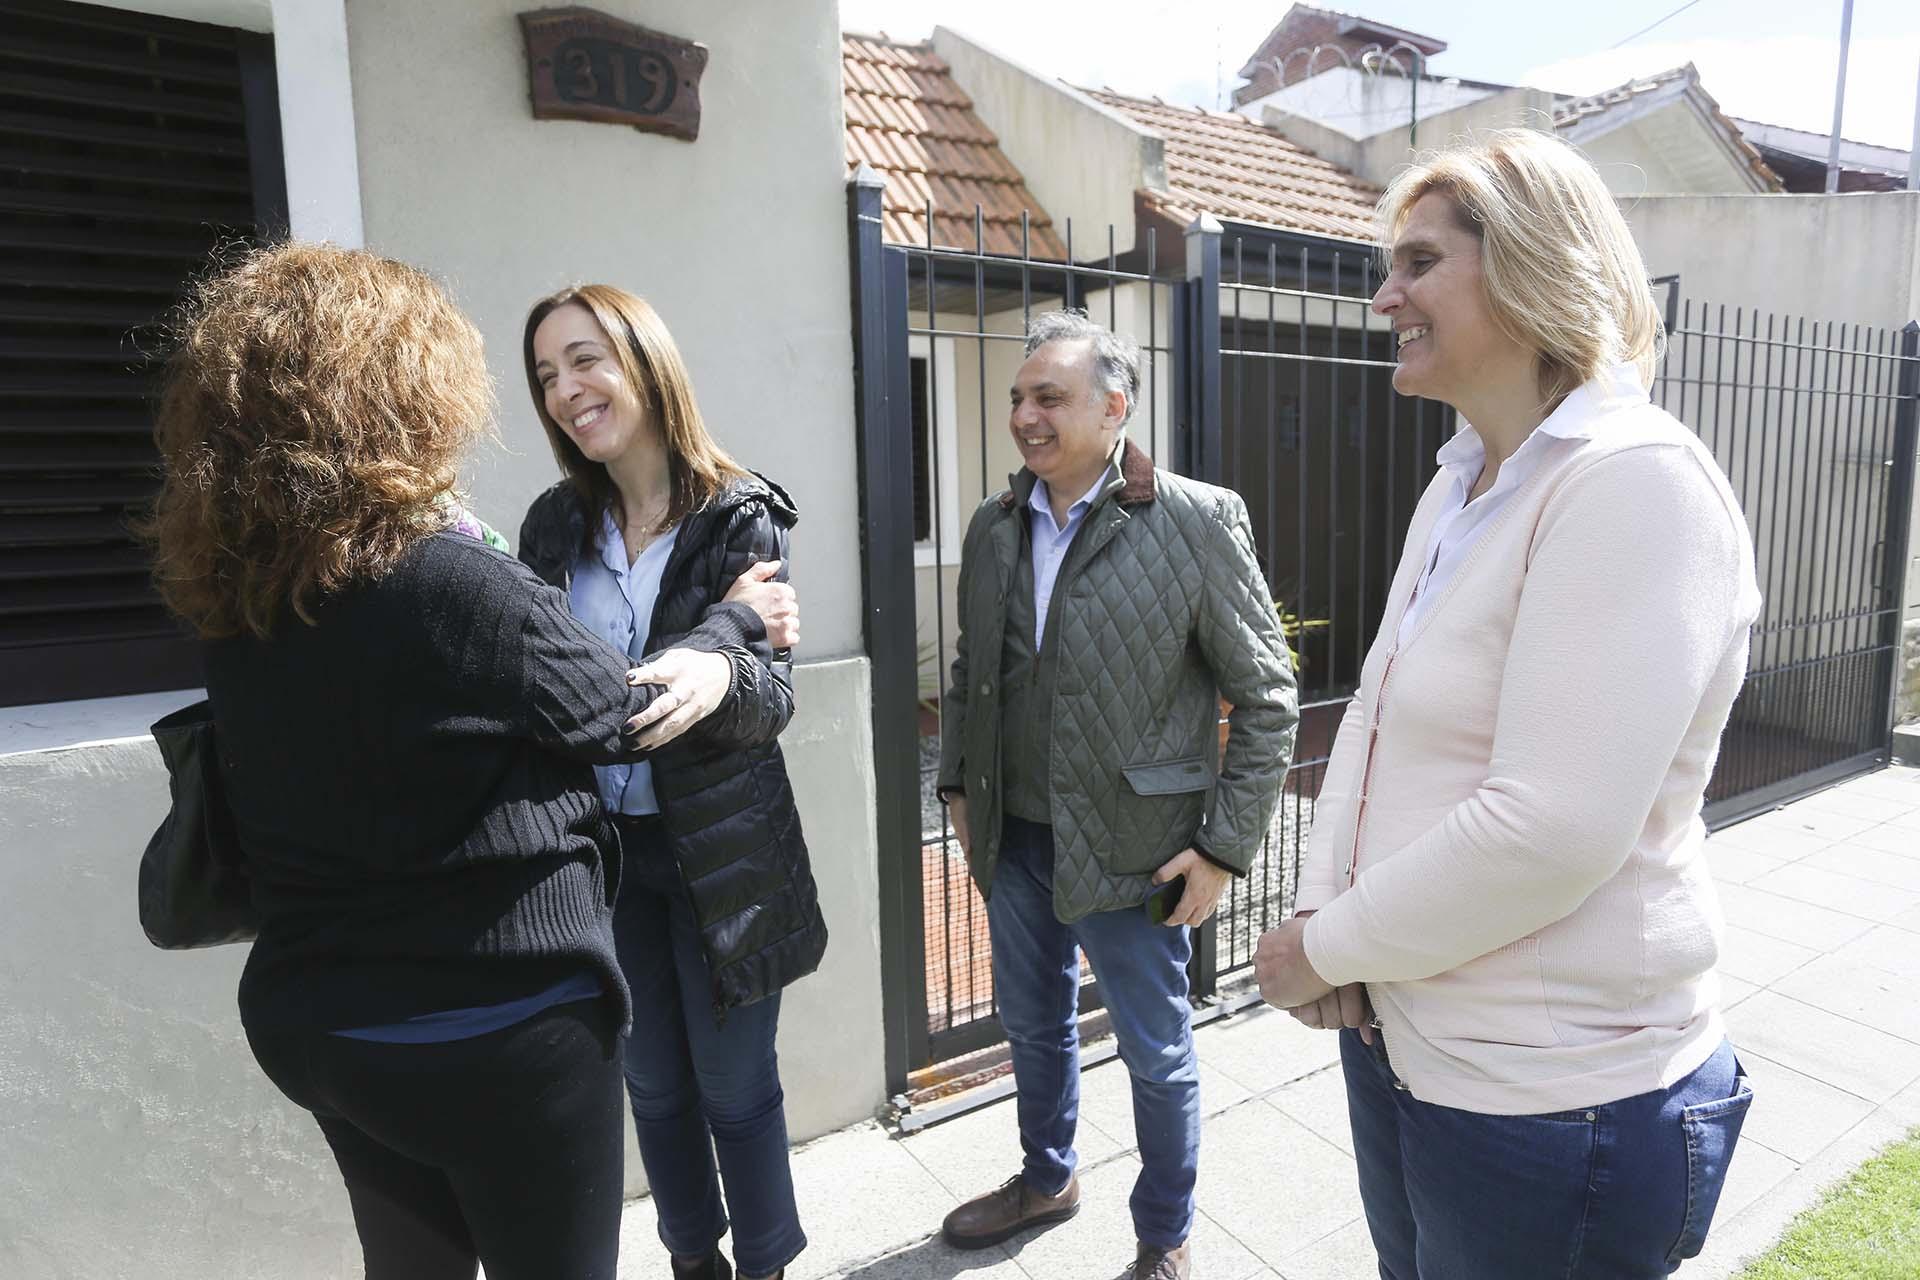 La gobernadora bonaerense, María Eugenia Vidal, encabezó el timbreo de Cambiemos en Mar del Plata